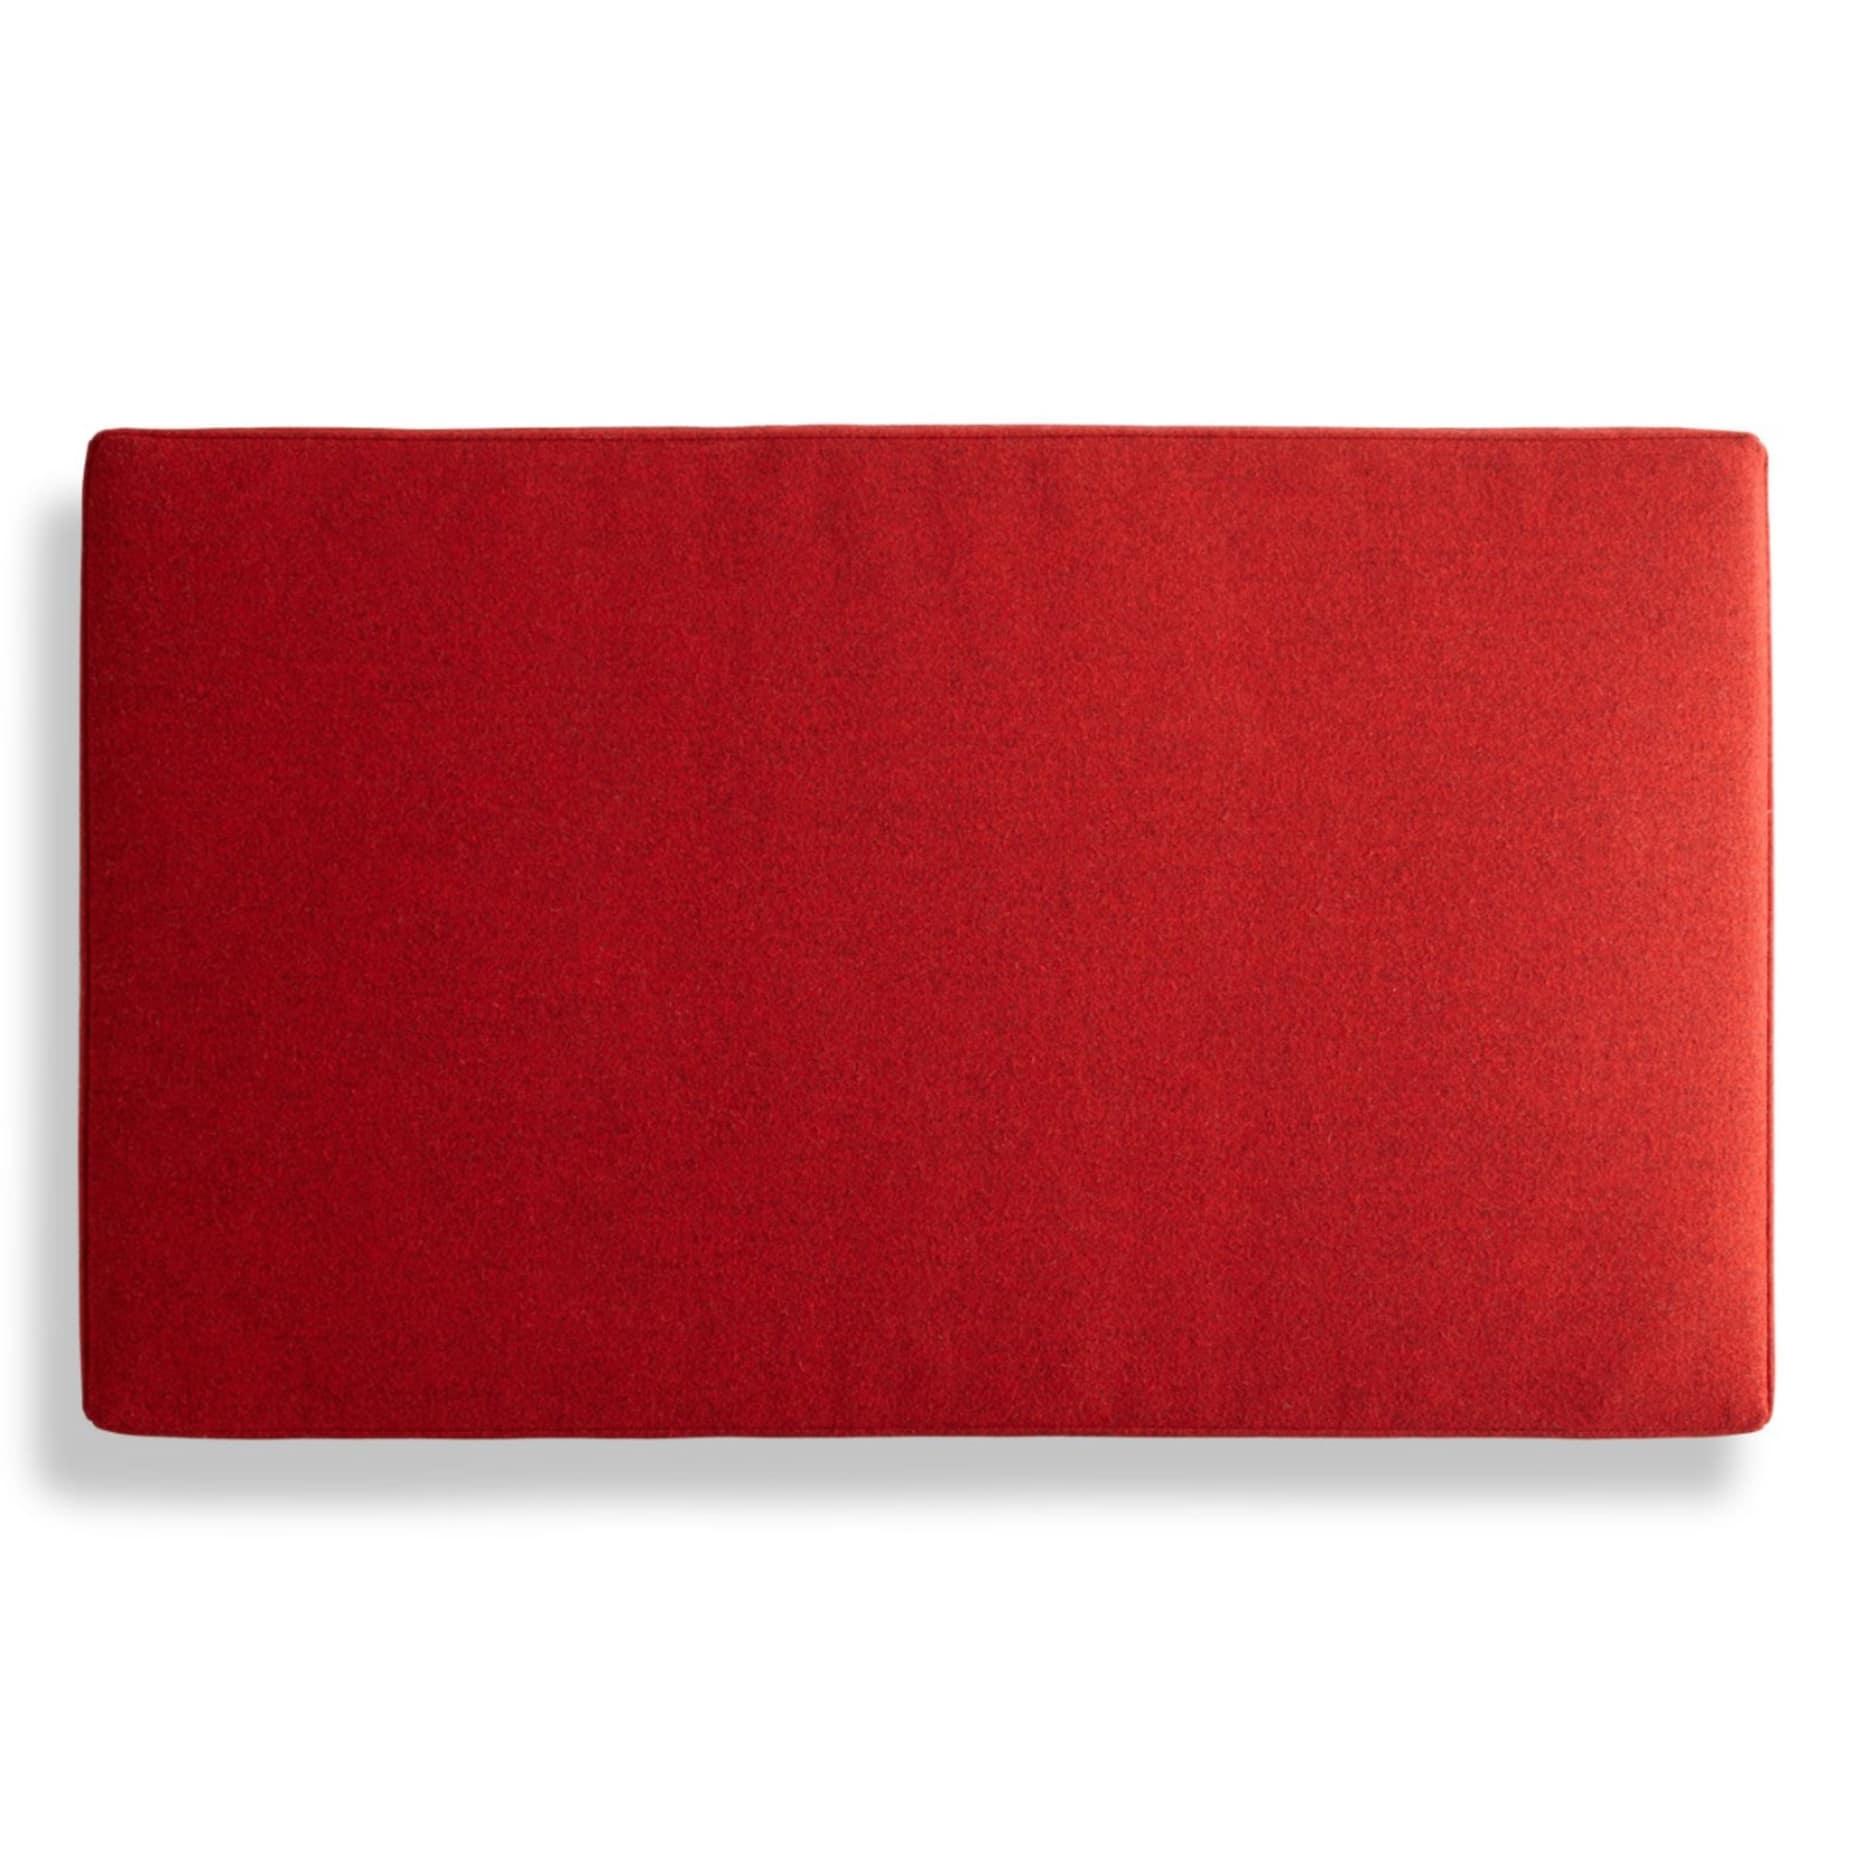 md1 cushon rd overhead modu licious cushion thurmond red 3